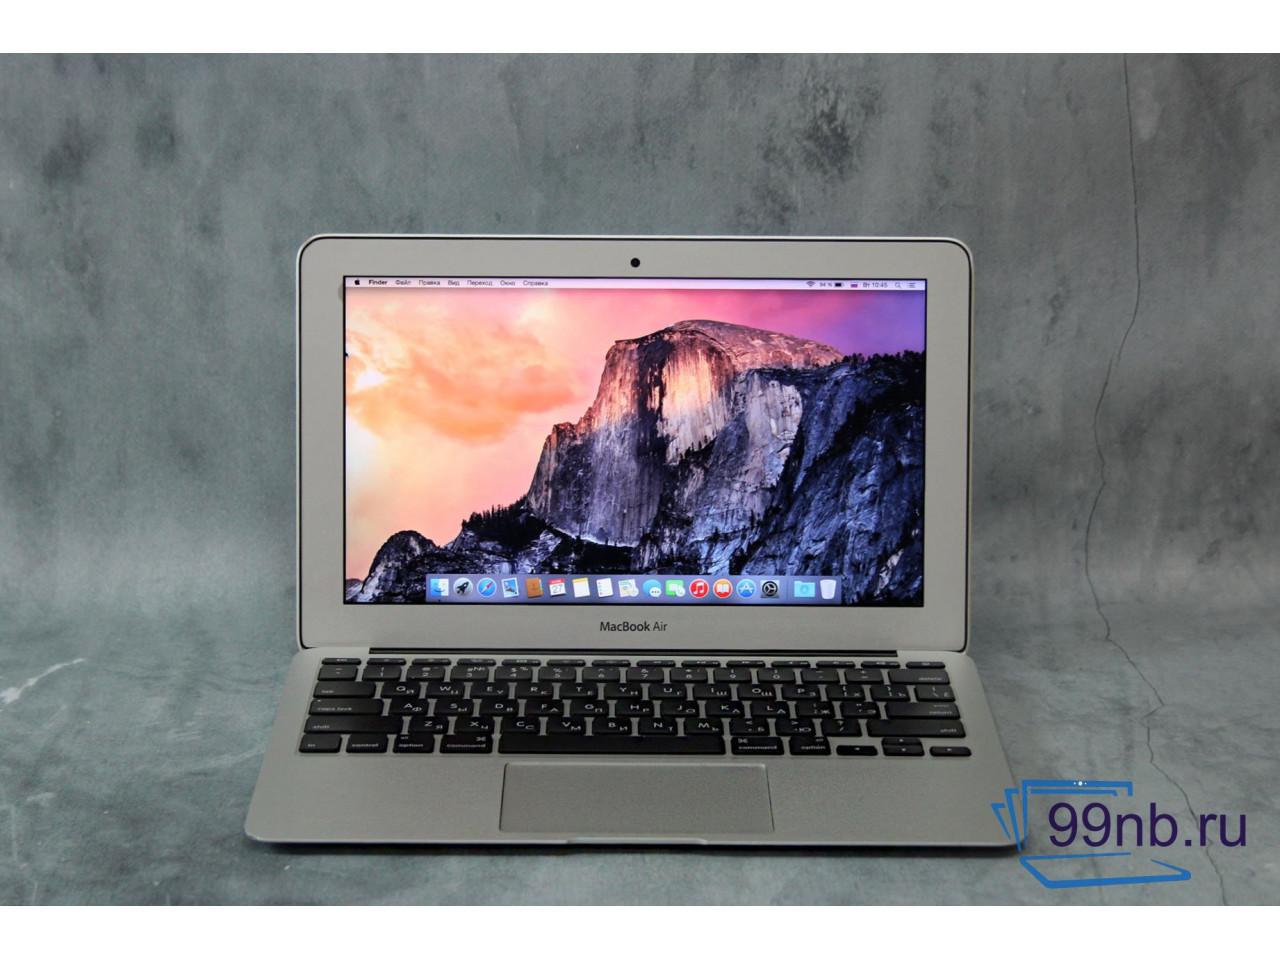 MacBook Air 11.3